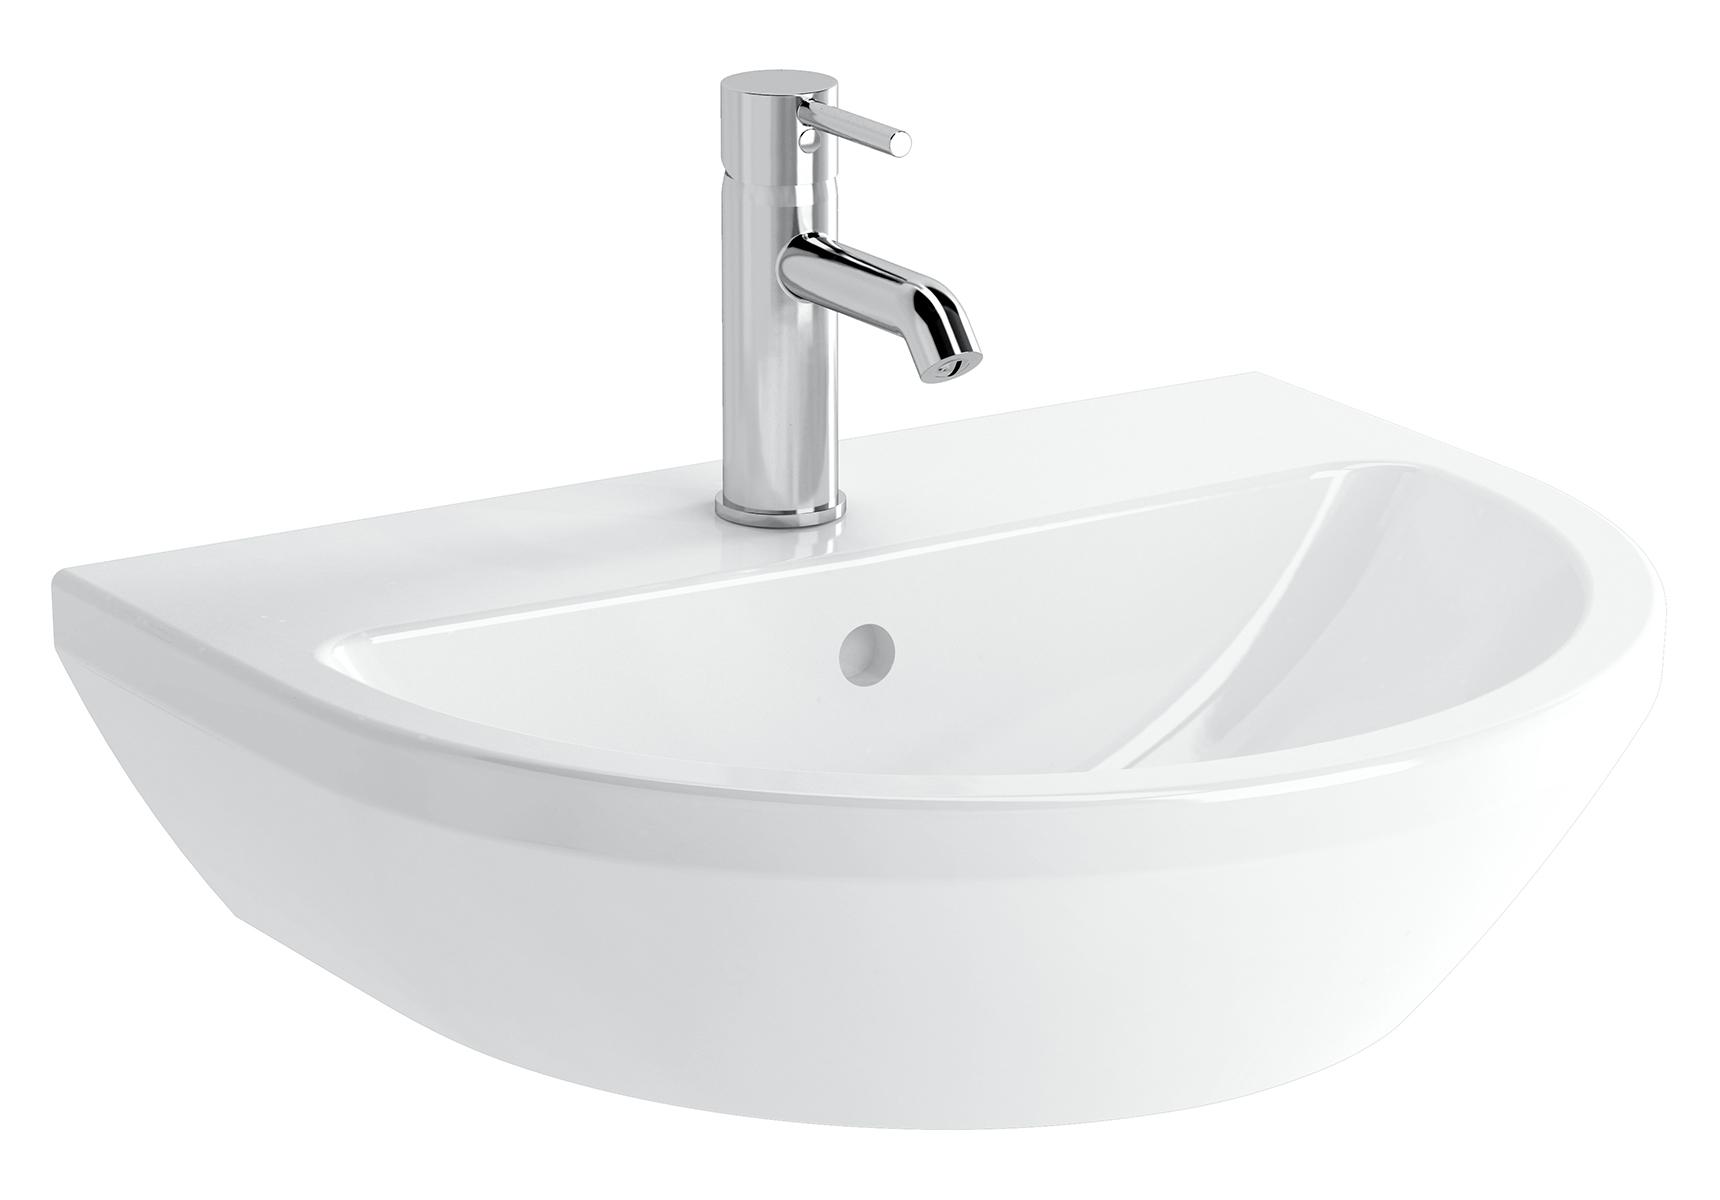 Integra lavabo rond, 55 cm, avec trou de robinet, sans trop-plein